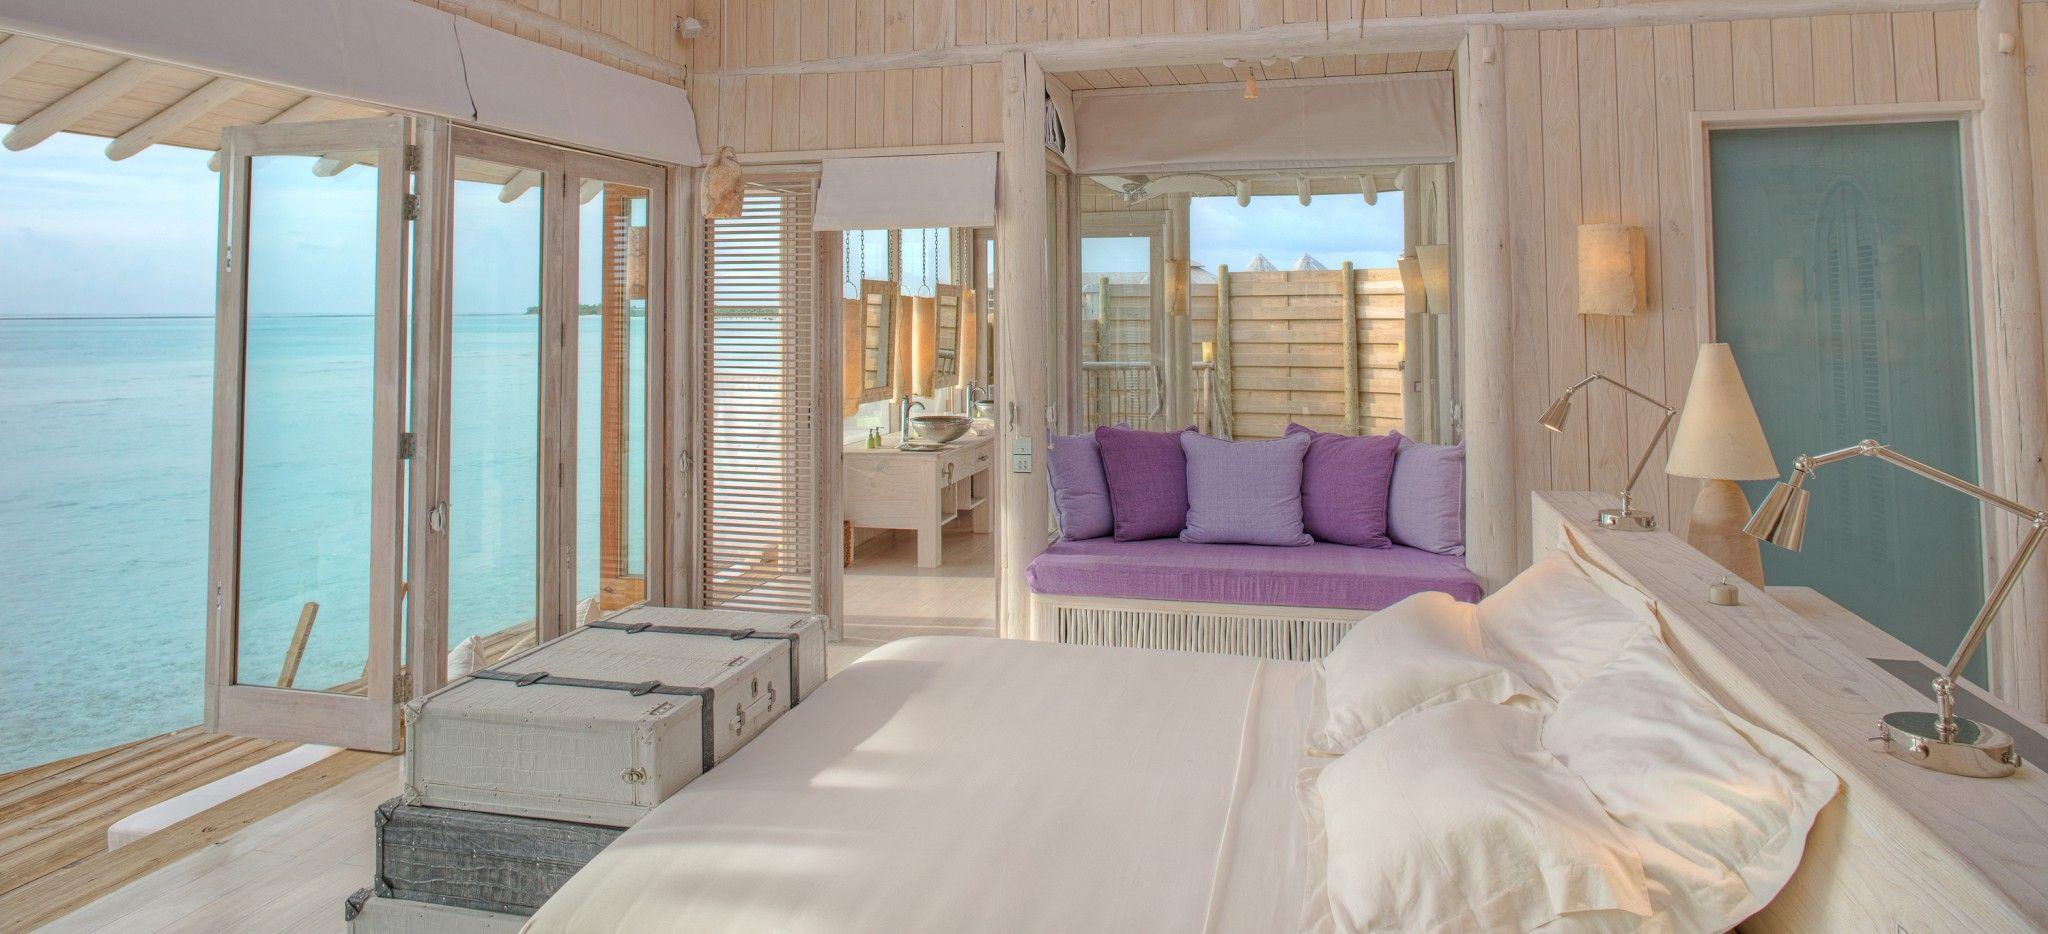 Das Schlafzimmer einer Wasservilla im Hotel Soneva Jani